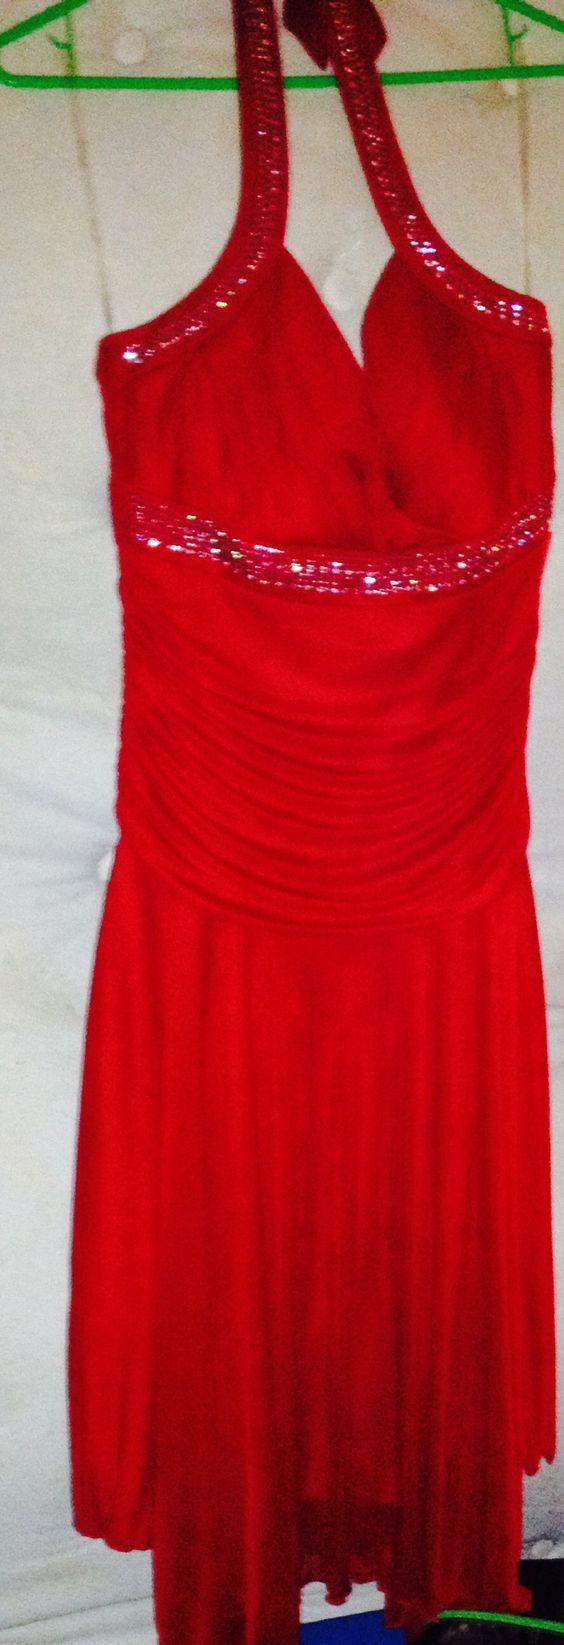 Ross dress for less formal dress - My wedding ideas - Pinterest ...